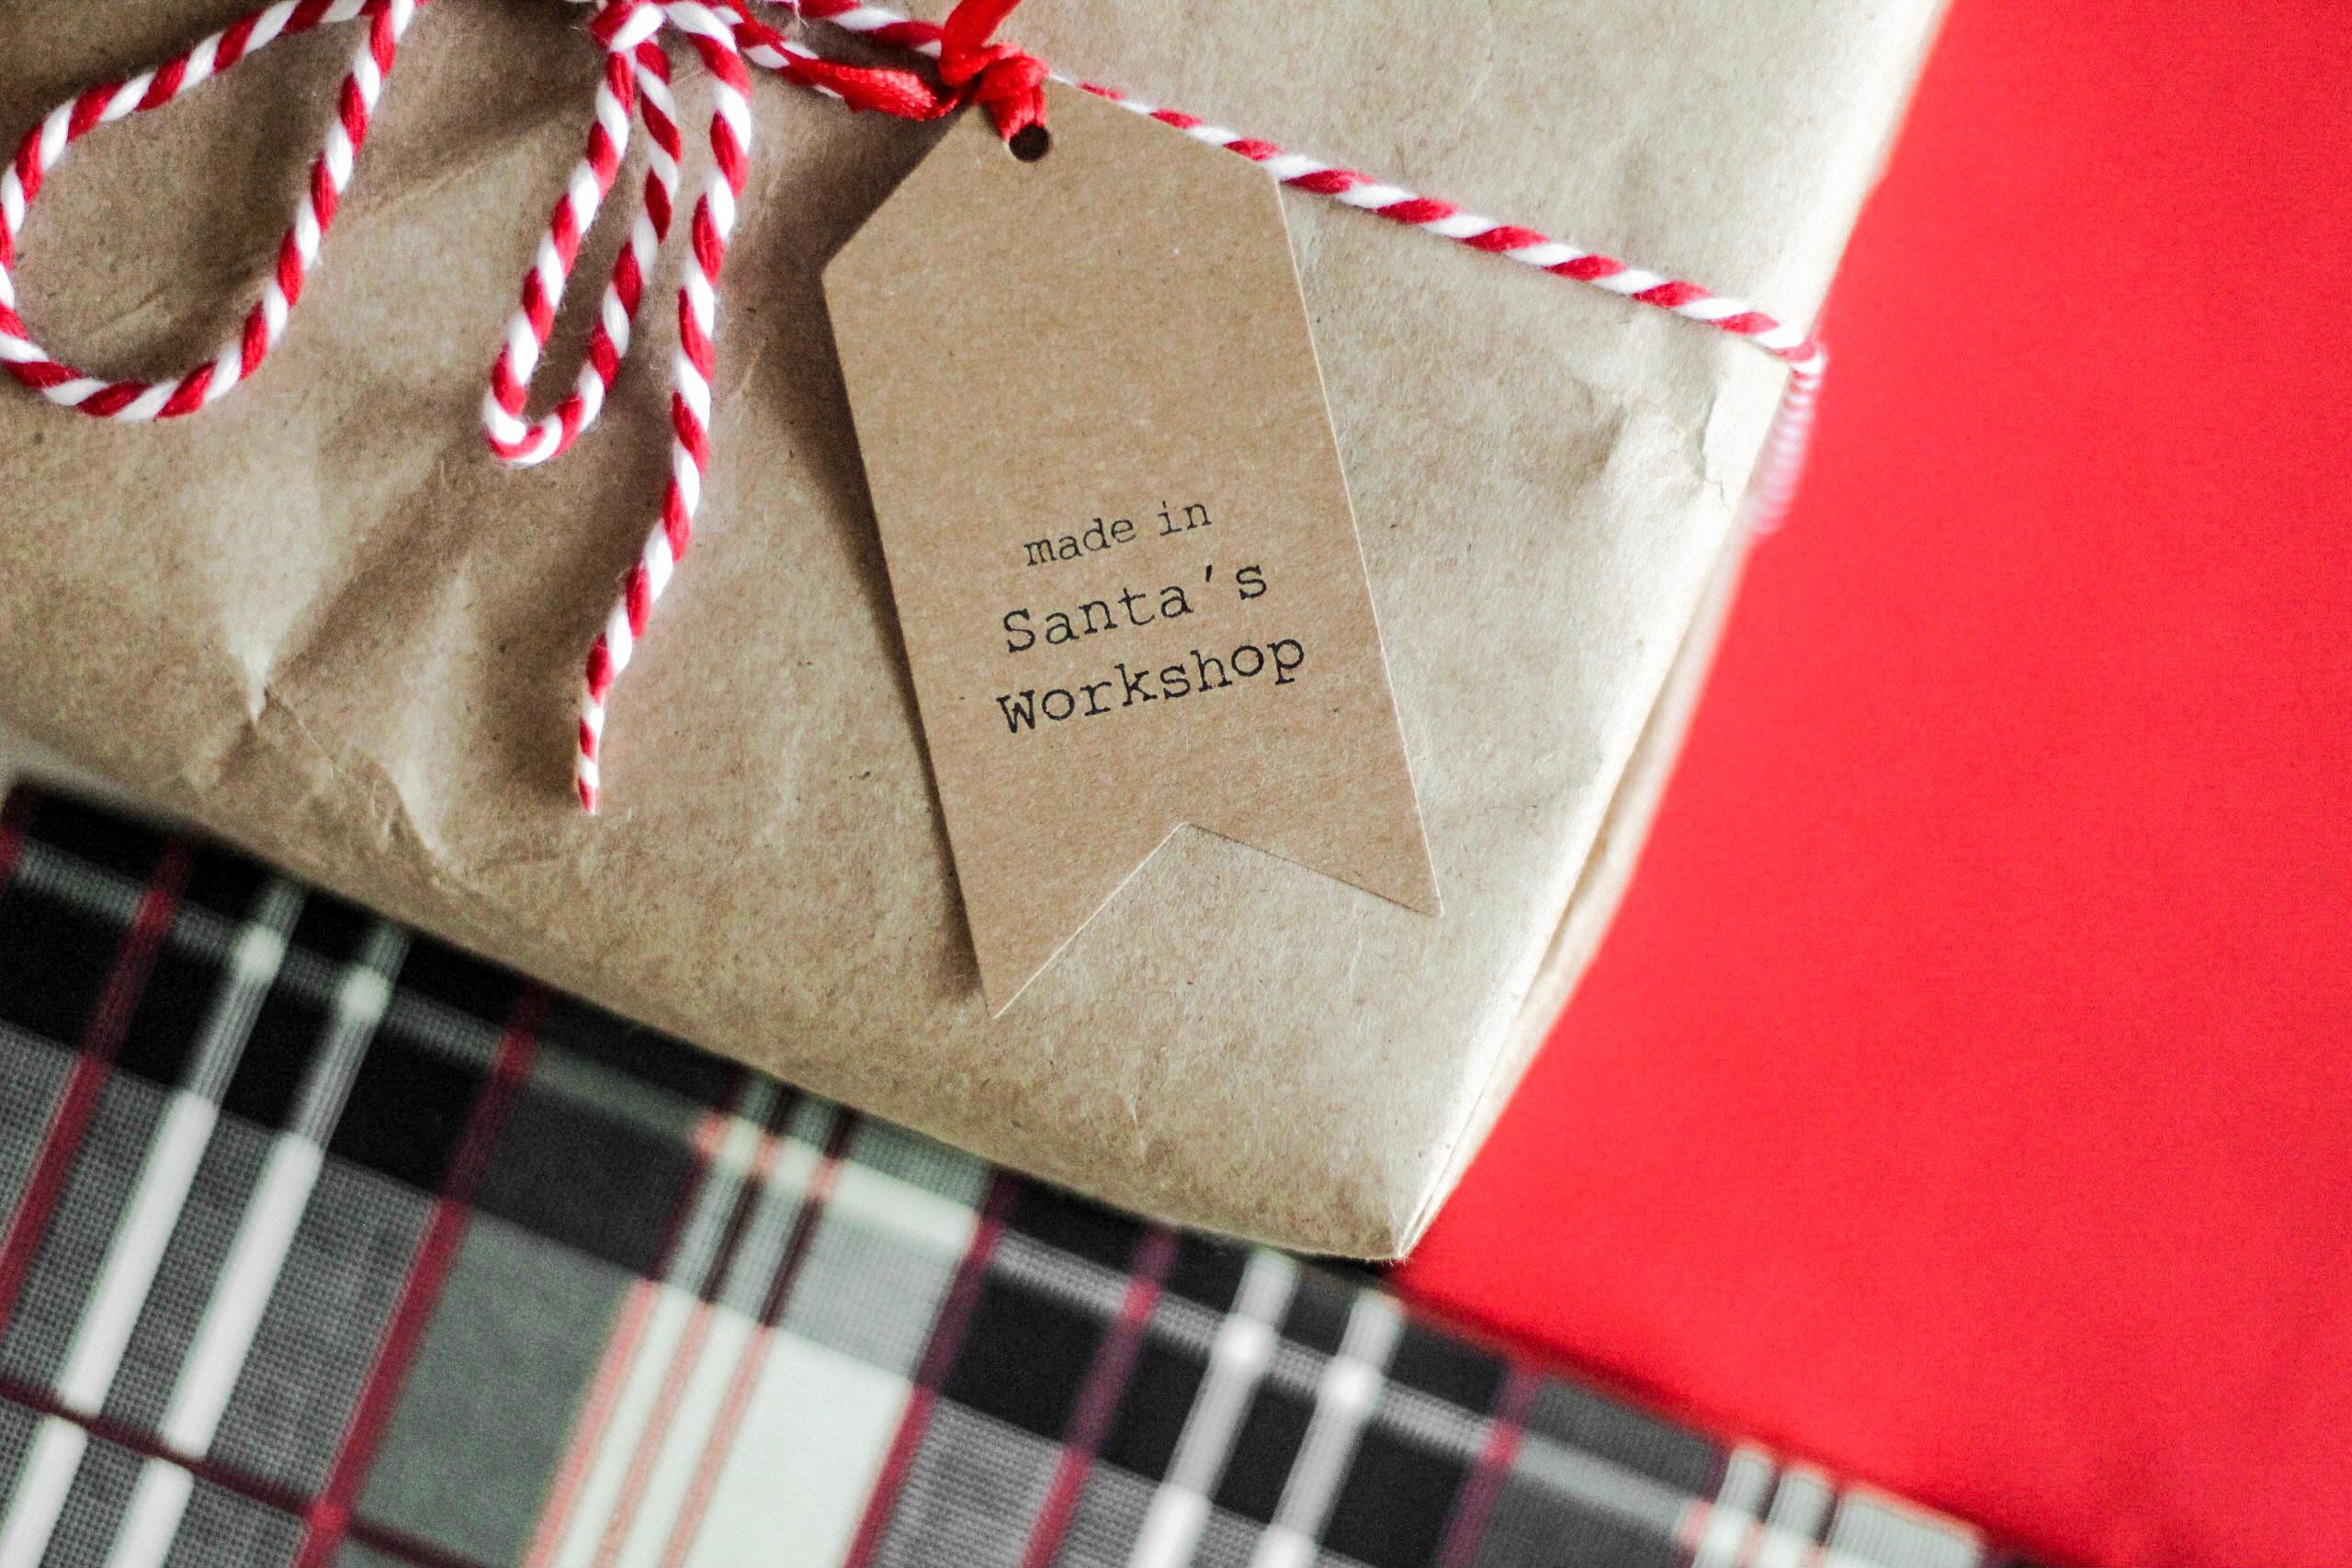 Vorschläge Weihnachtsgeschenke.Weihnachtsgeschenke So Frustrierend Sind Diy Wirklich Kurt